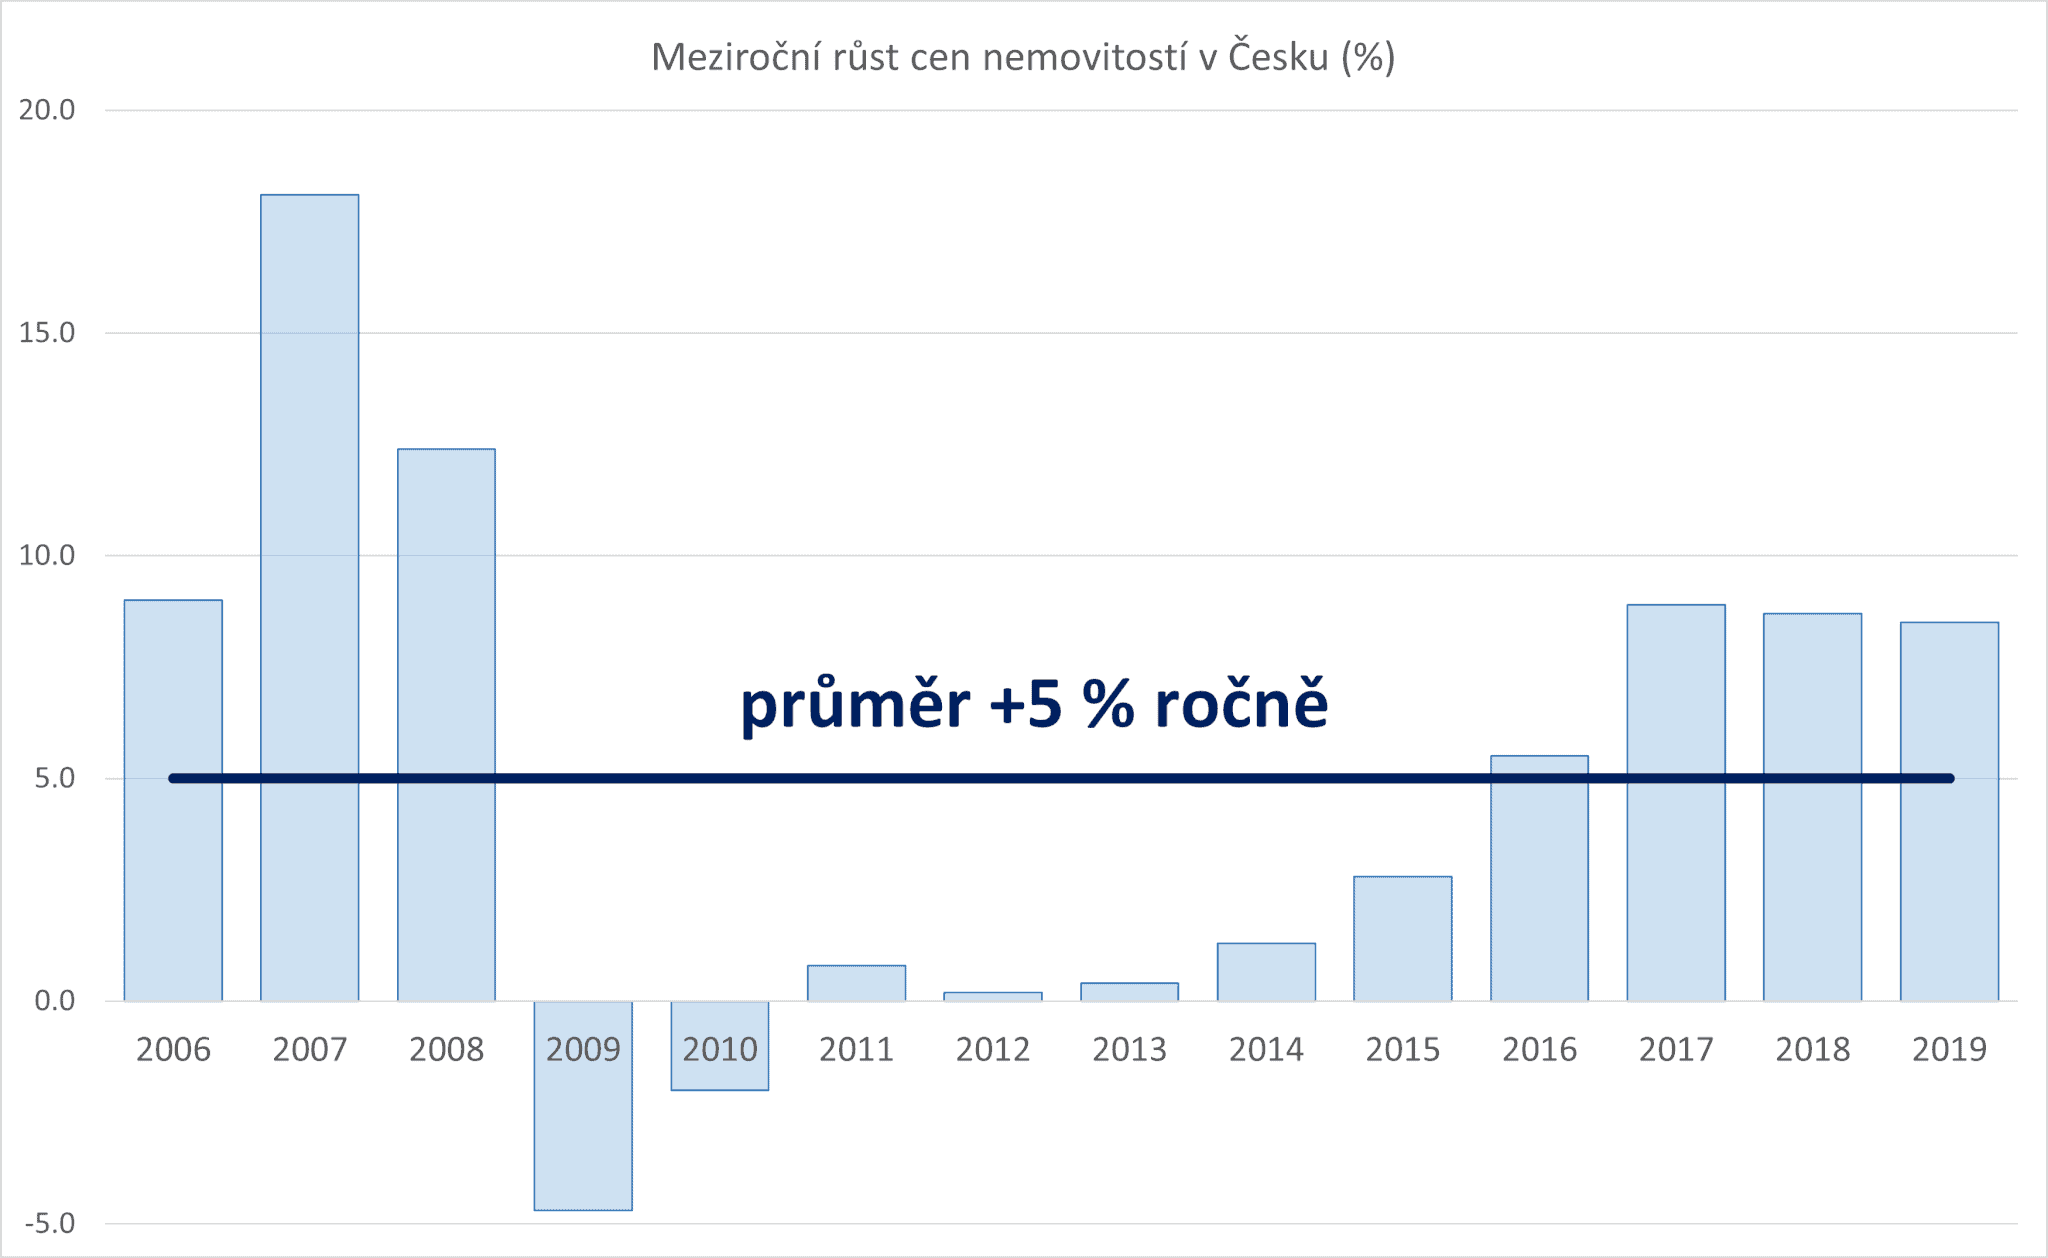 Investice do nemovitostí má dlouhodobě stabilní vývoj - Graf meziročního růstu cen nemovitostí v České republice